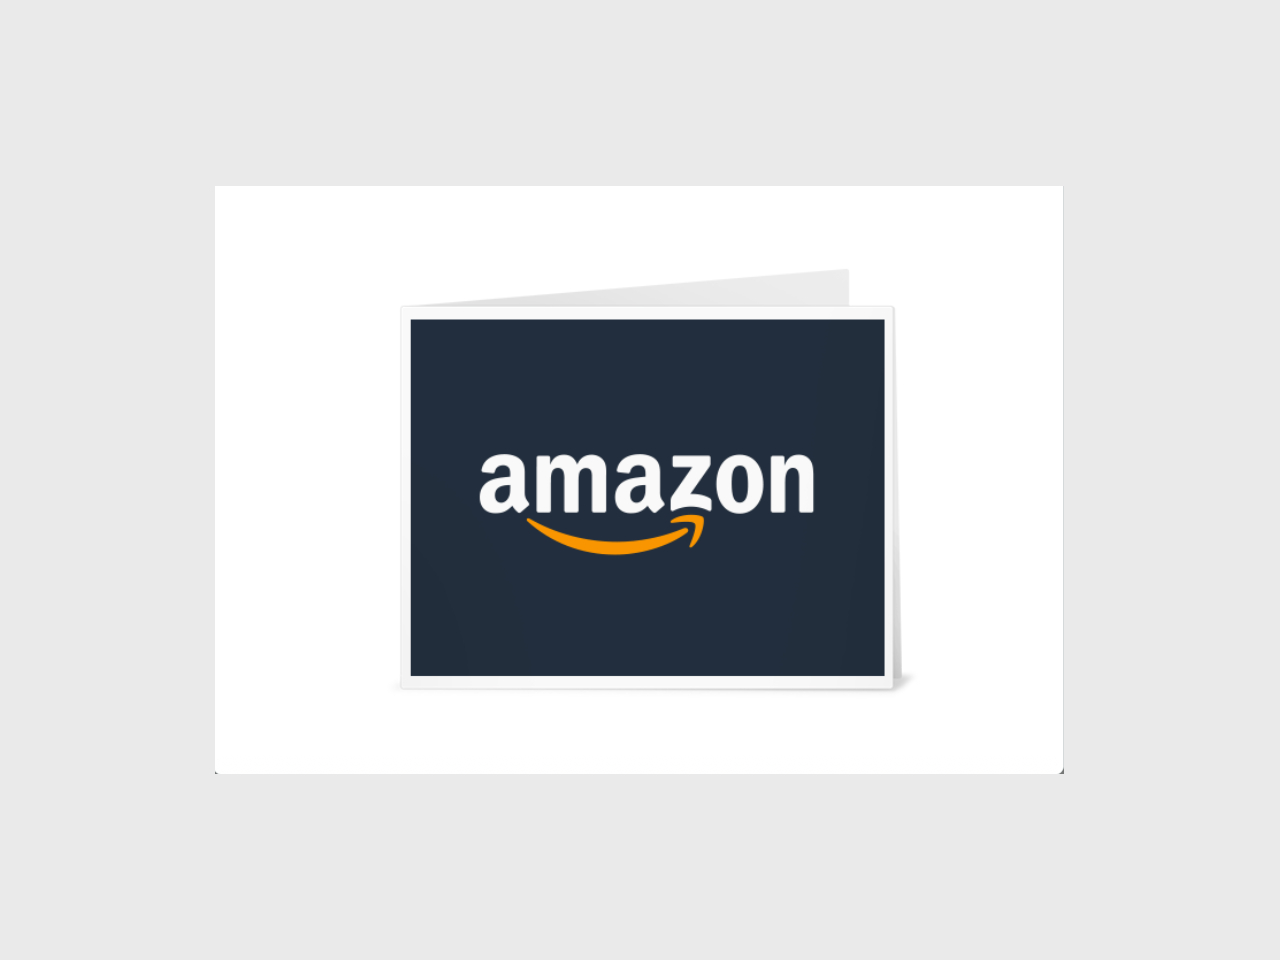 Amazon Gutscheine ausdrucken - so geht's